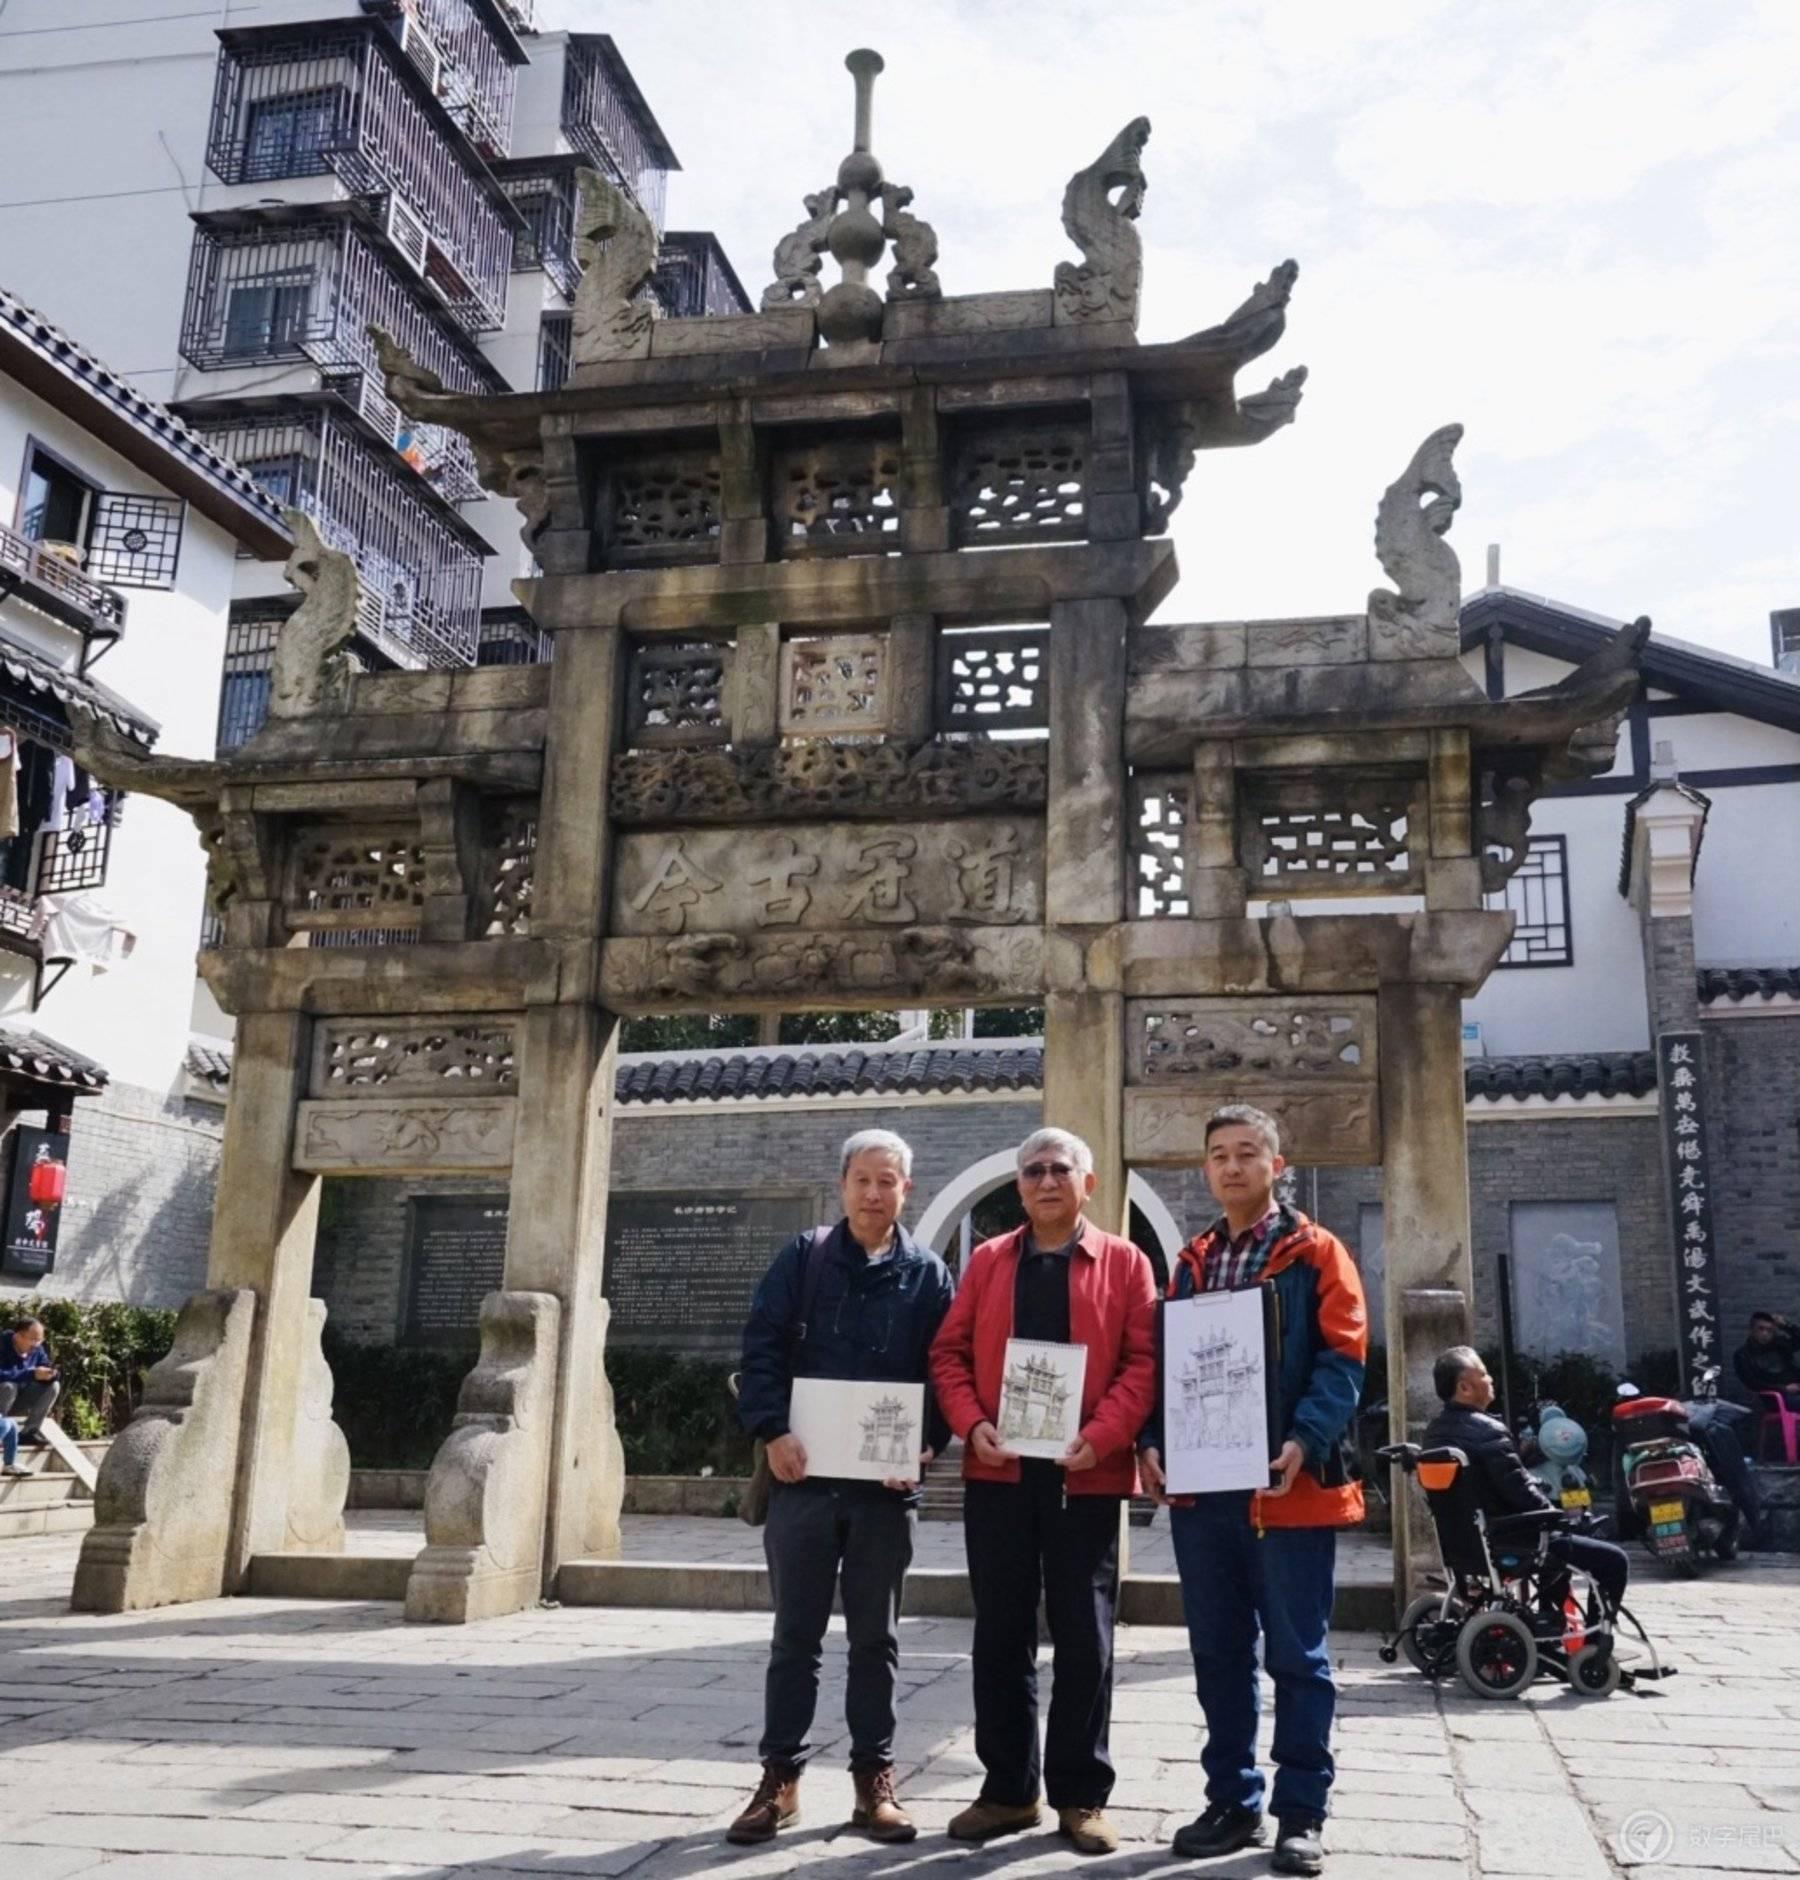 3位大神在牌坊前合影,左起分别为柳肃、刘叔华和连达